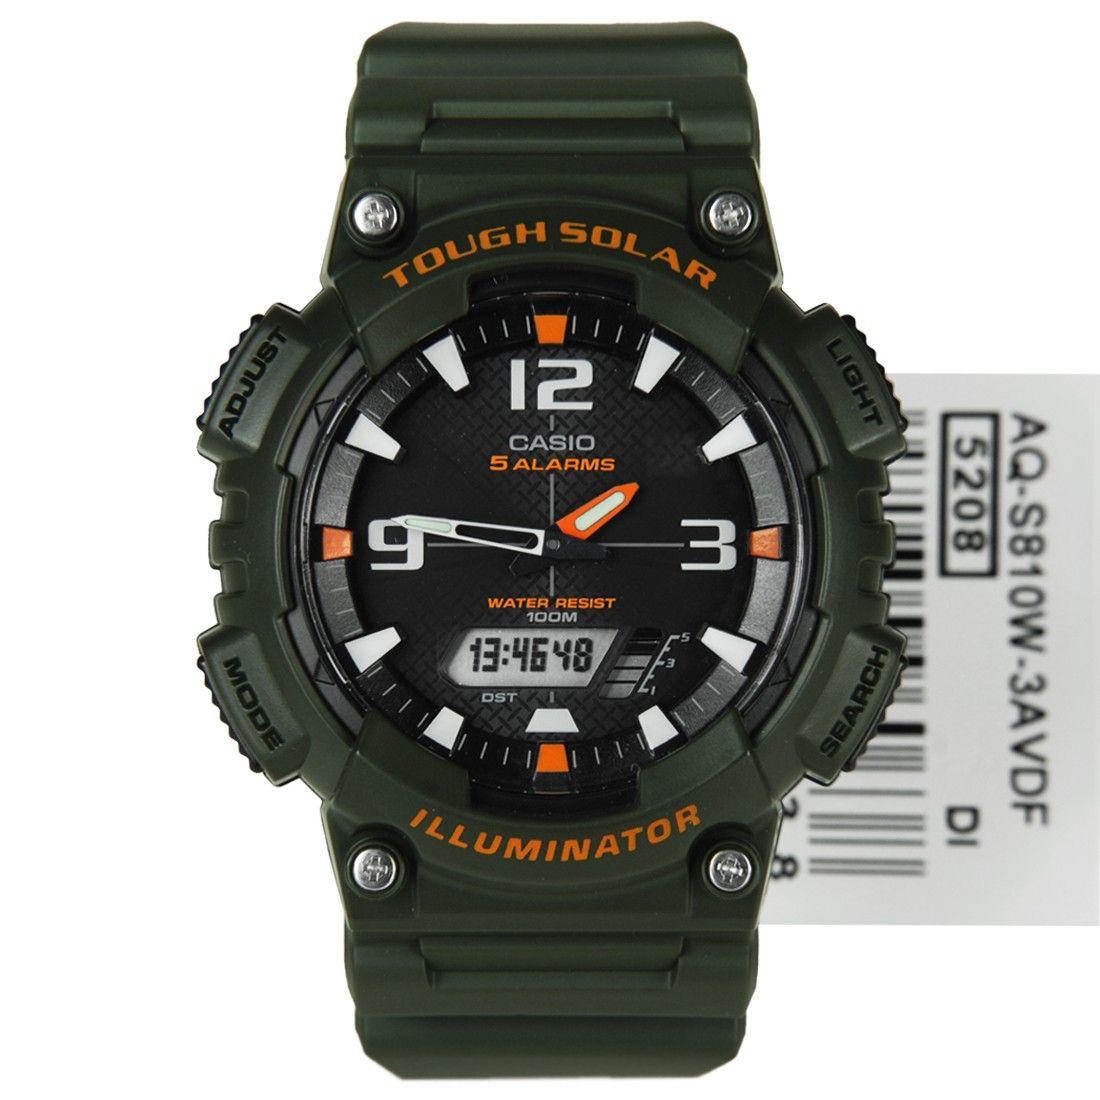 Casio Tough Solar Sports Watch AQS810W3AV AQS810W